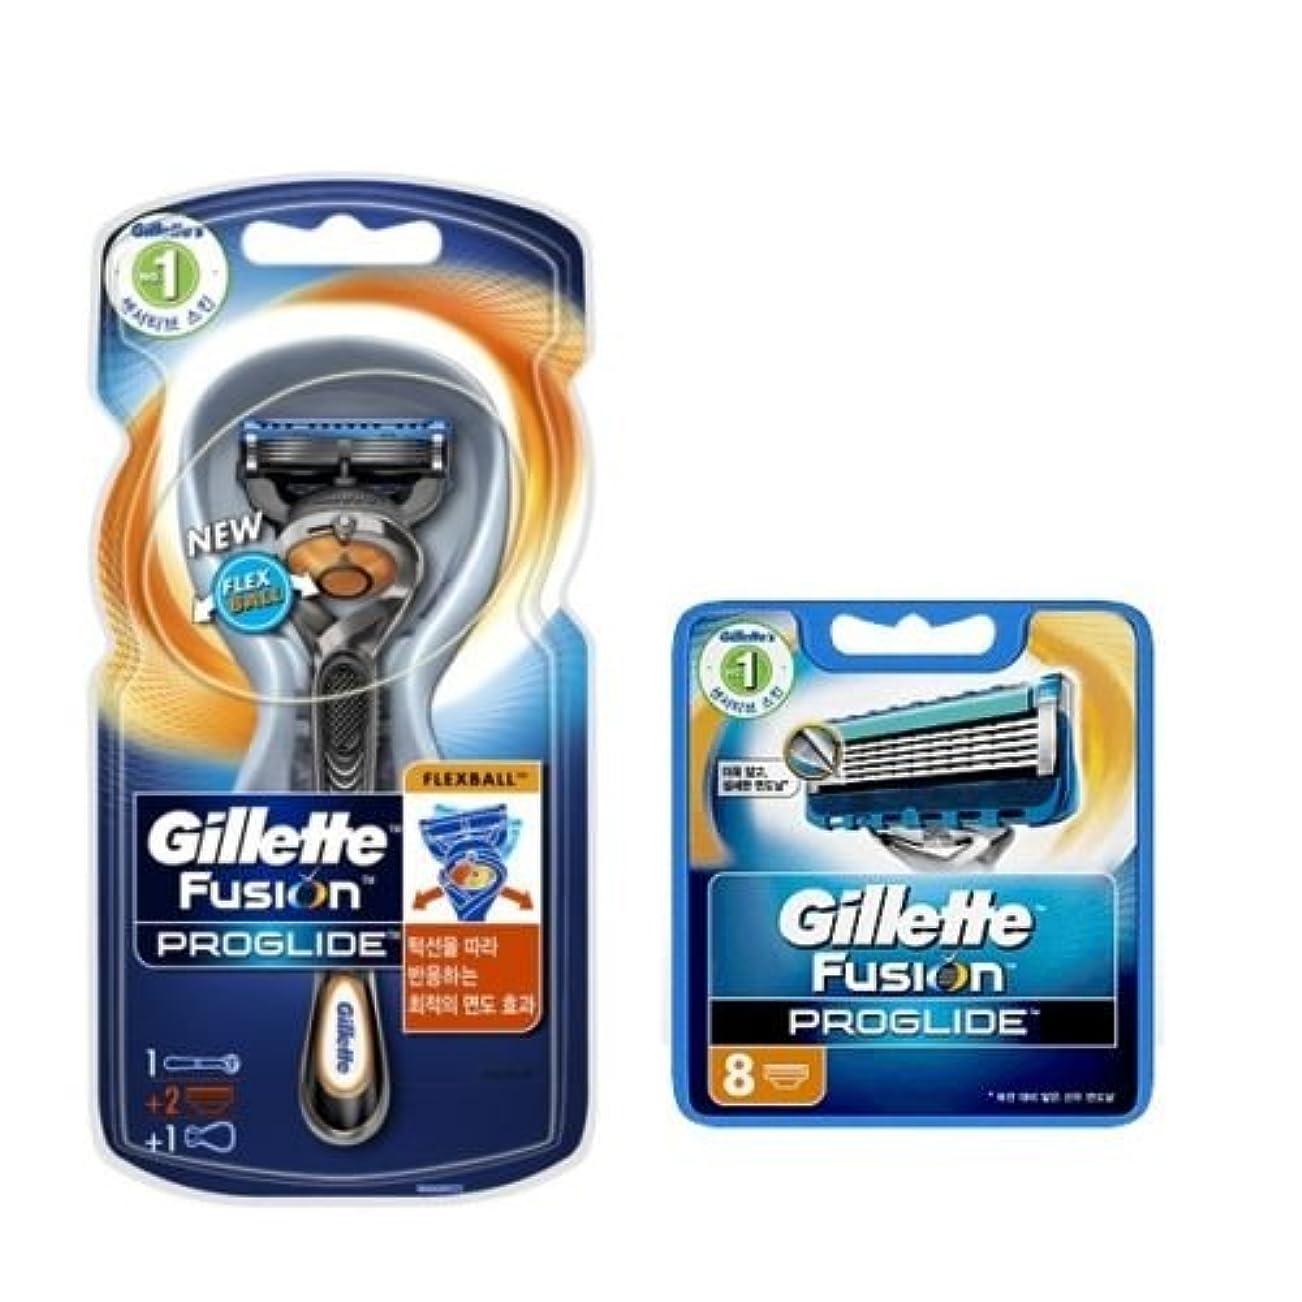 自己尊重案件スチュアート島Gillette Fusion Proglide Flexball Manual メンズ1剃刀10剃刀刃 [並行輸入品]